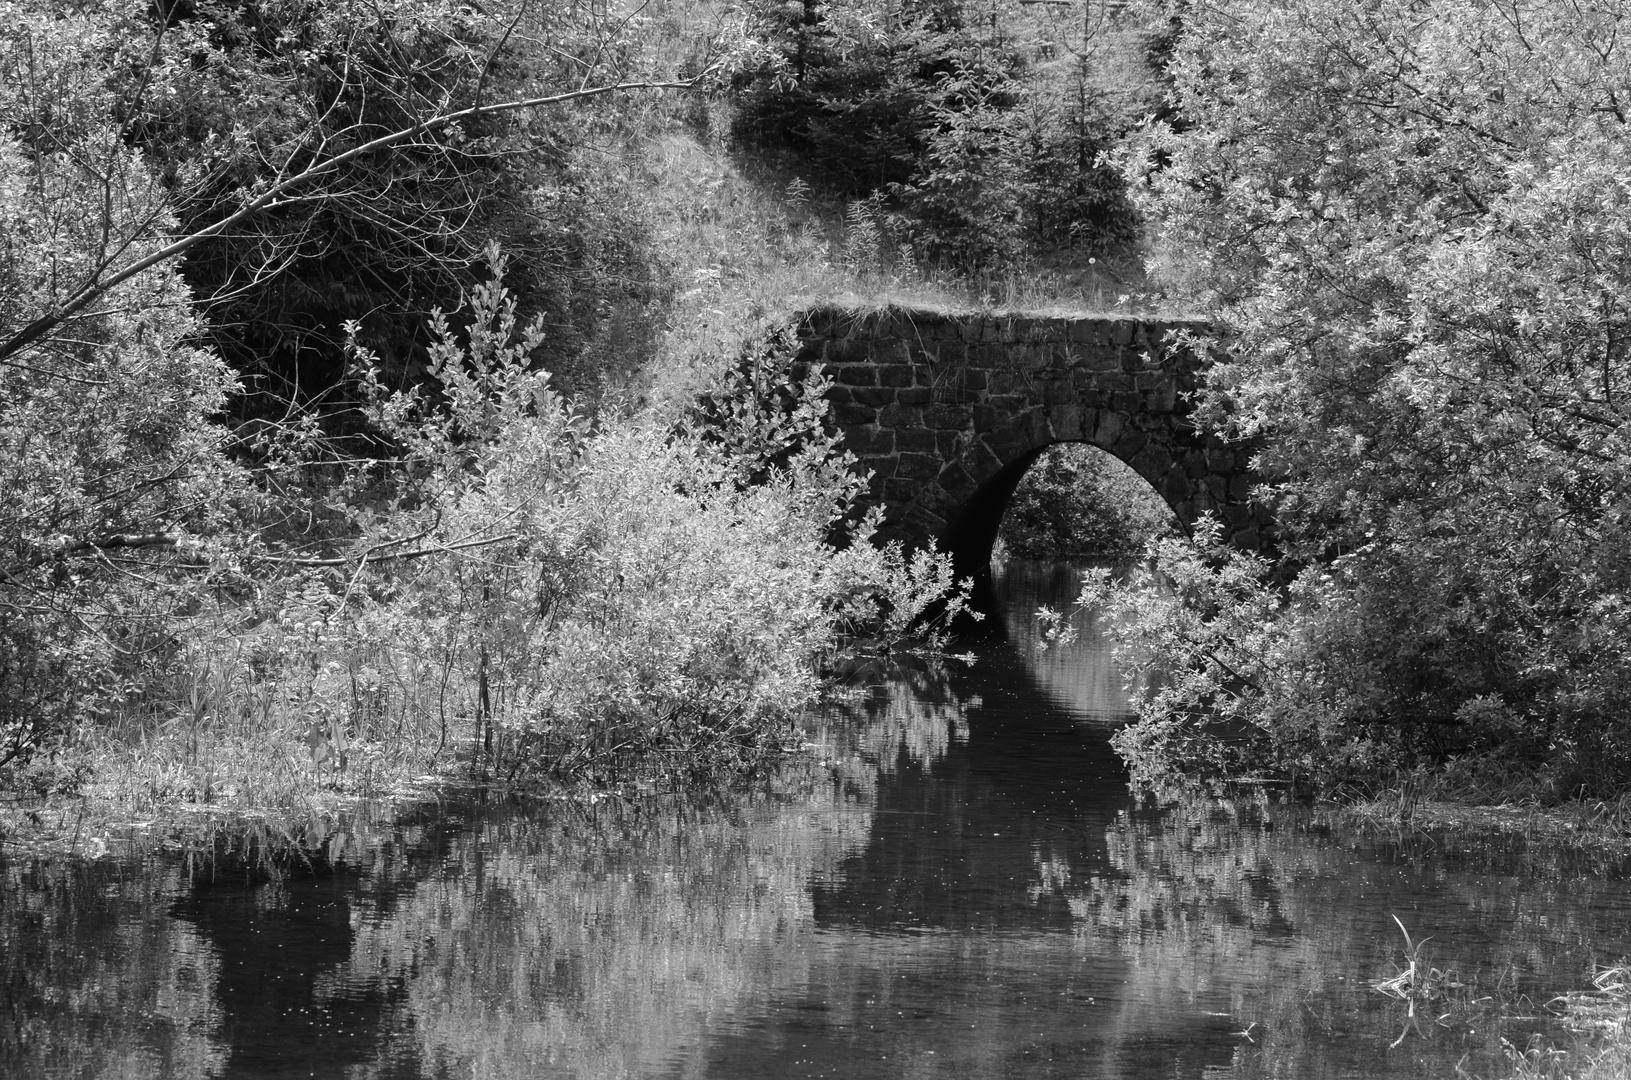 Brücke in Schwarz Weiß